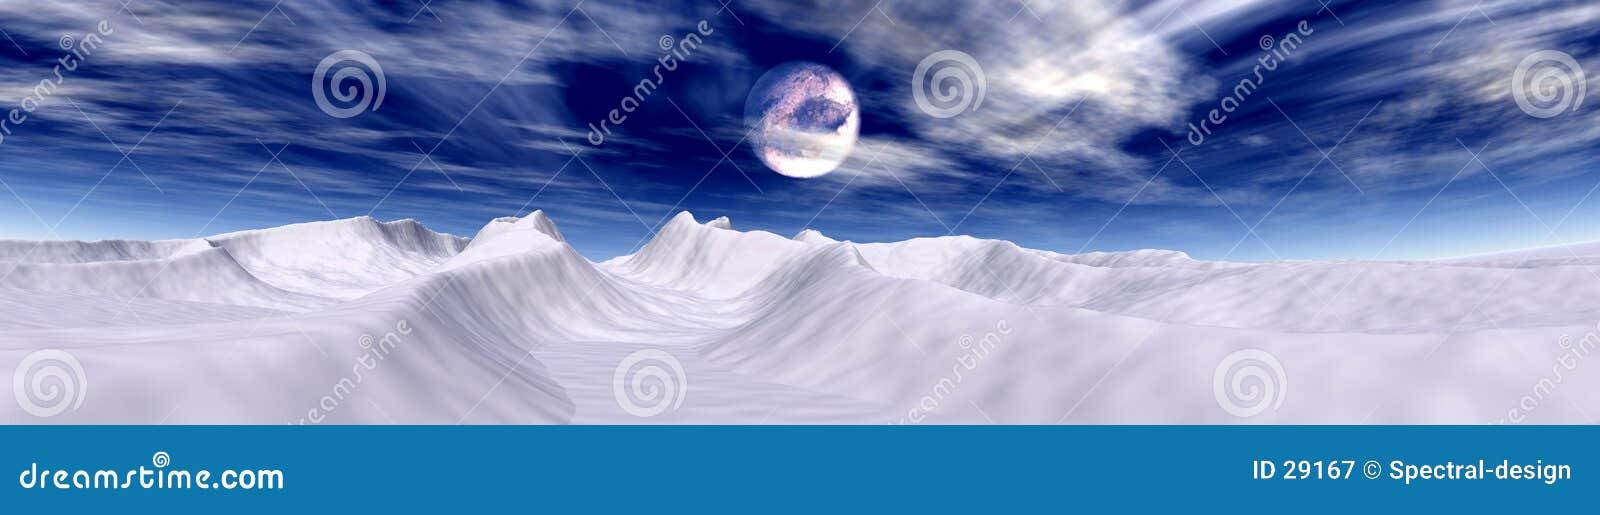 Luna ártica